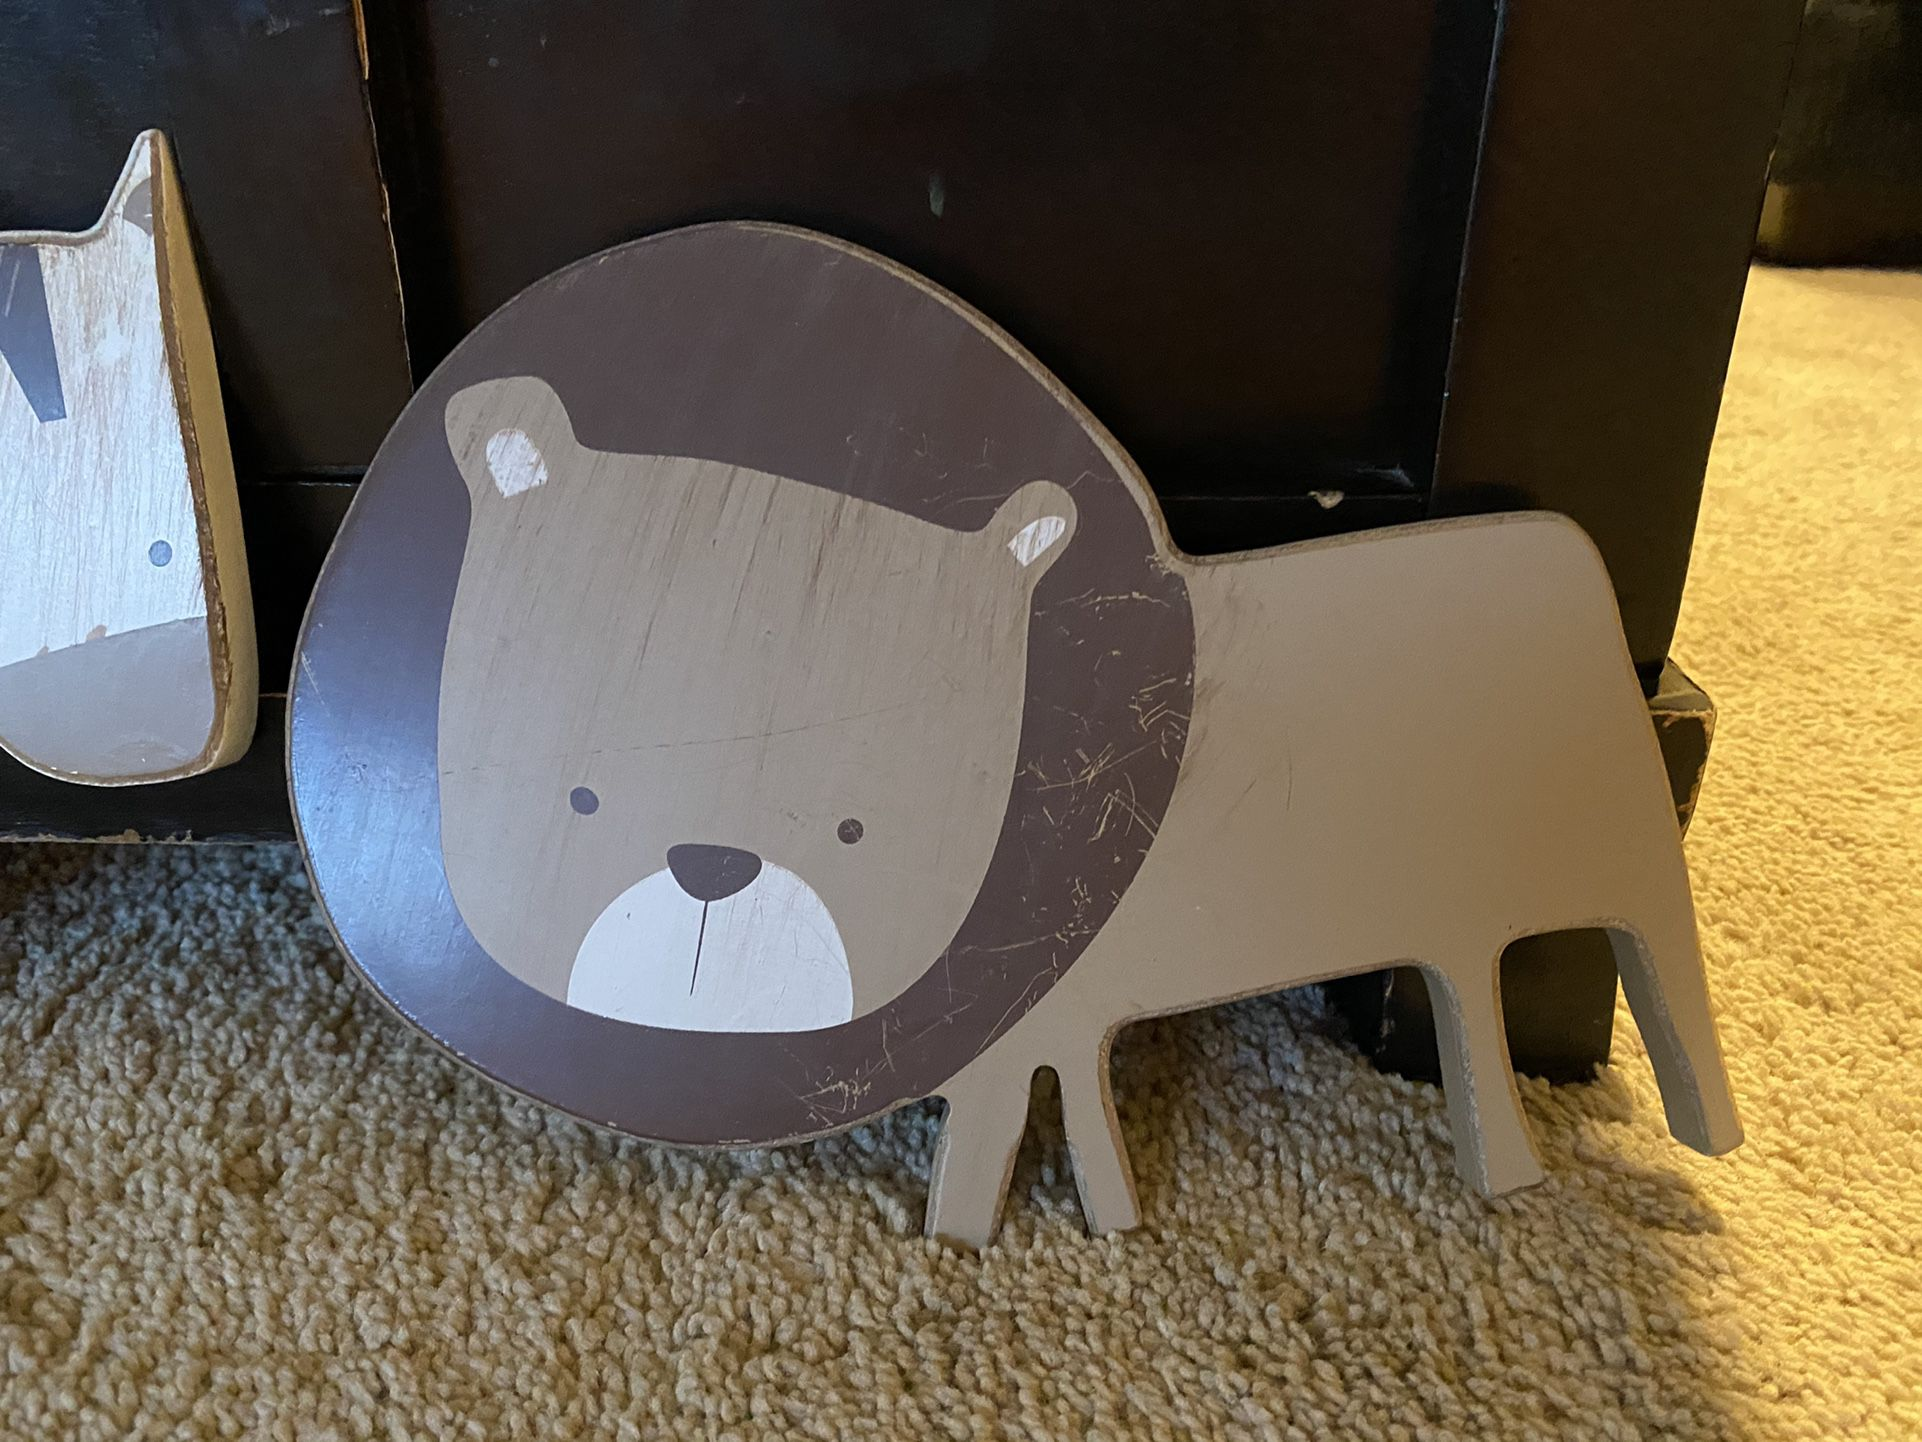 Kid / Baby Nursery Room Art